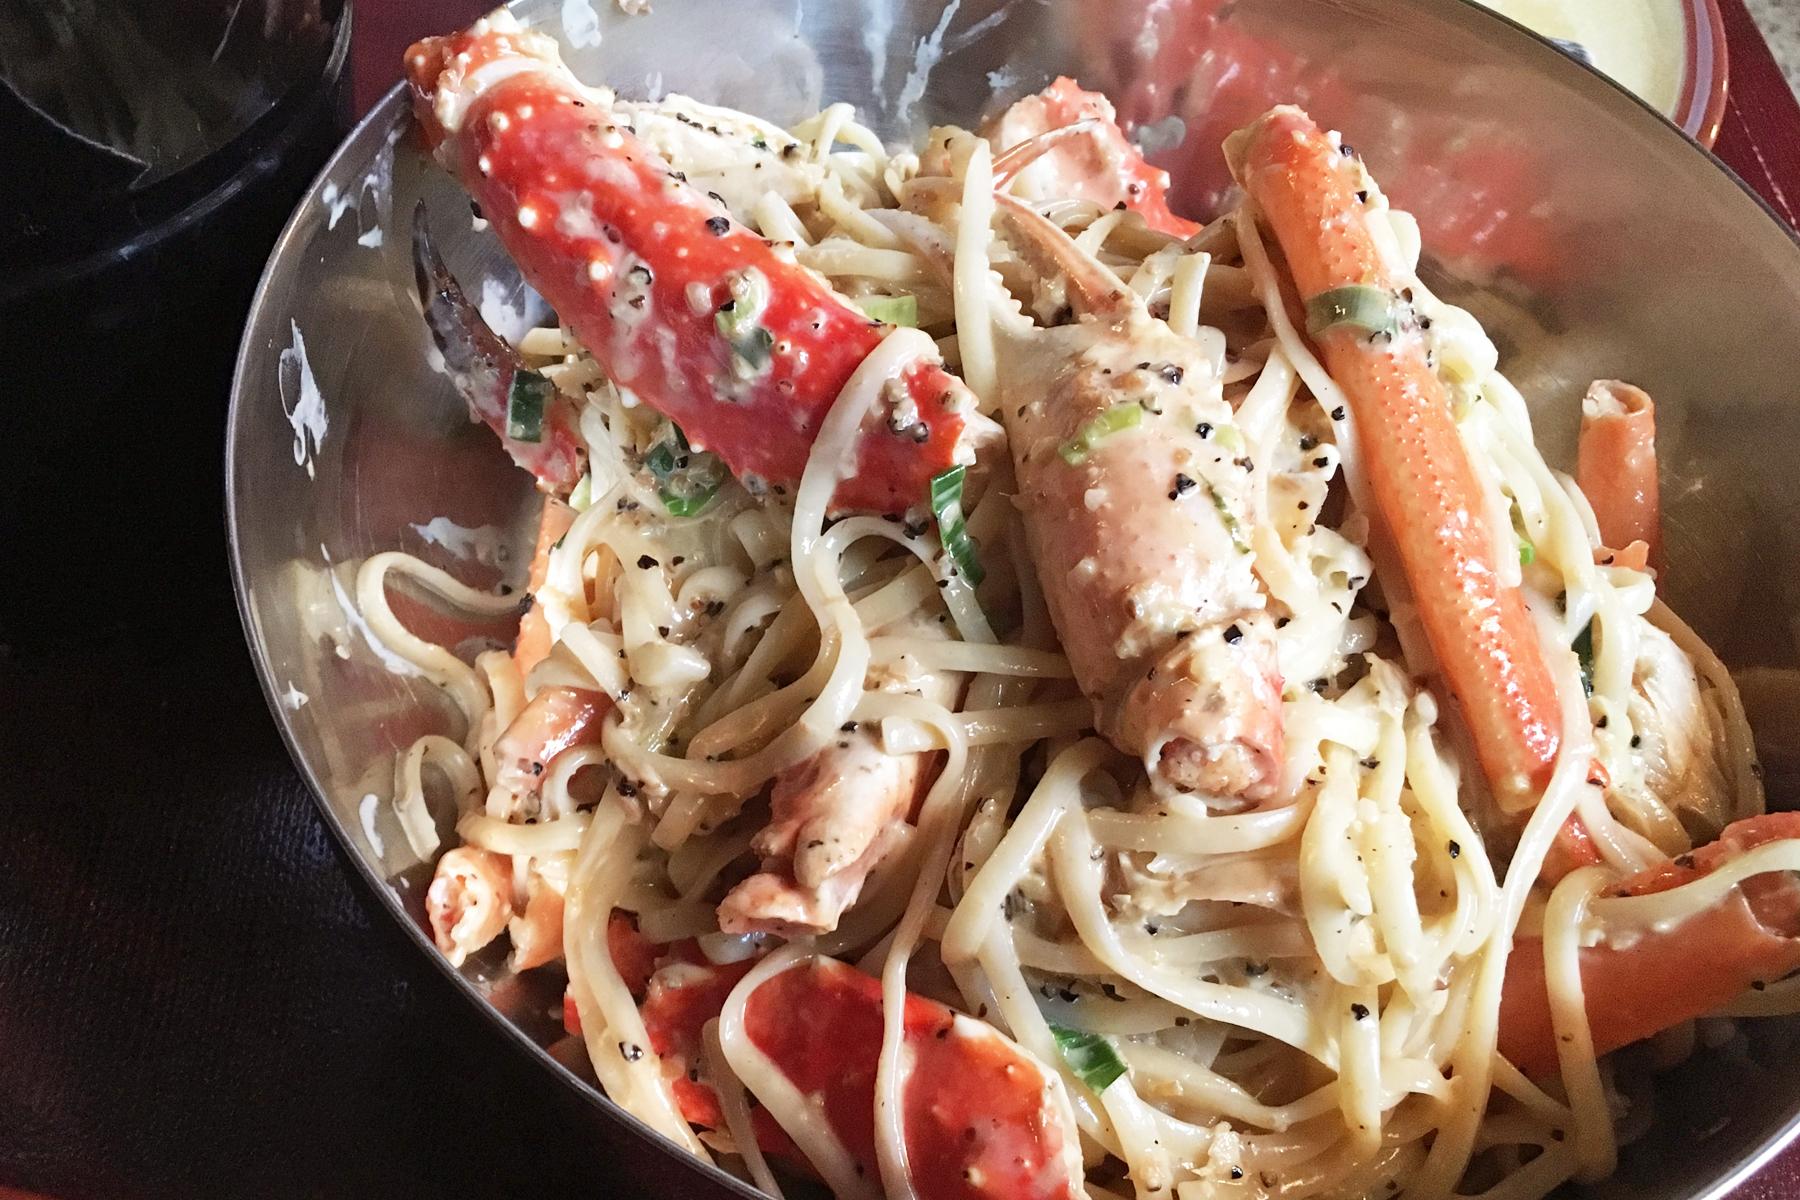 タラバガニとズワイガニのリングイネ King and snow crab on Linguini